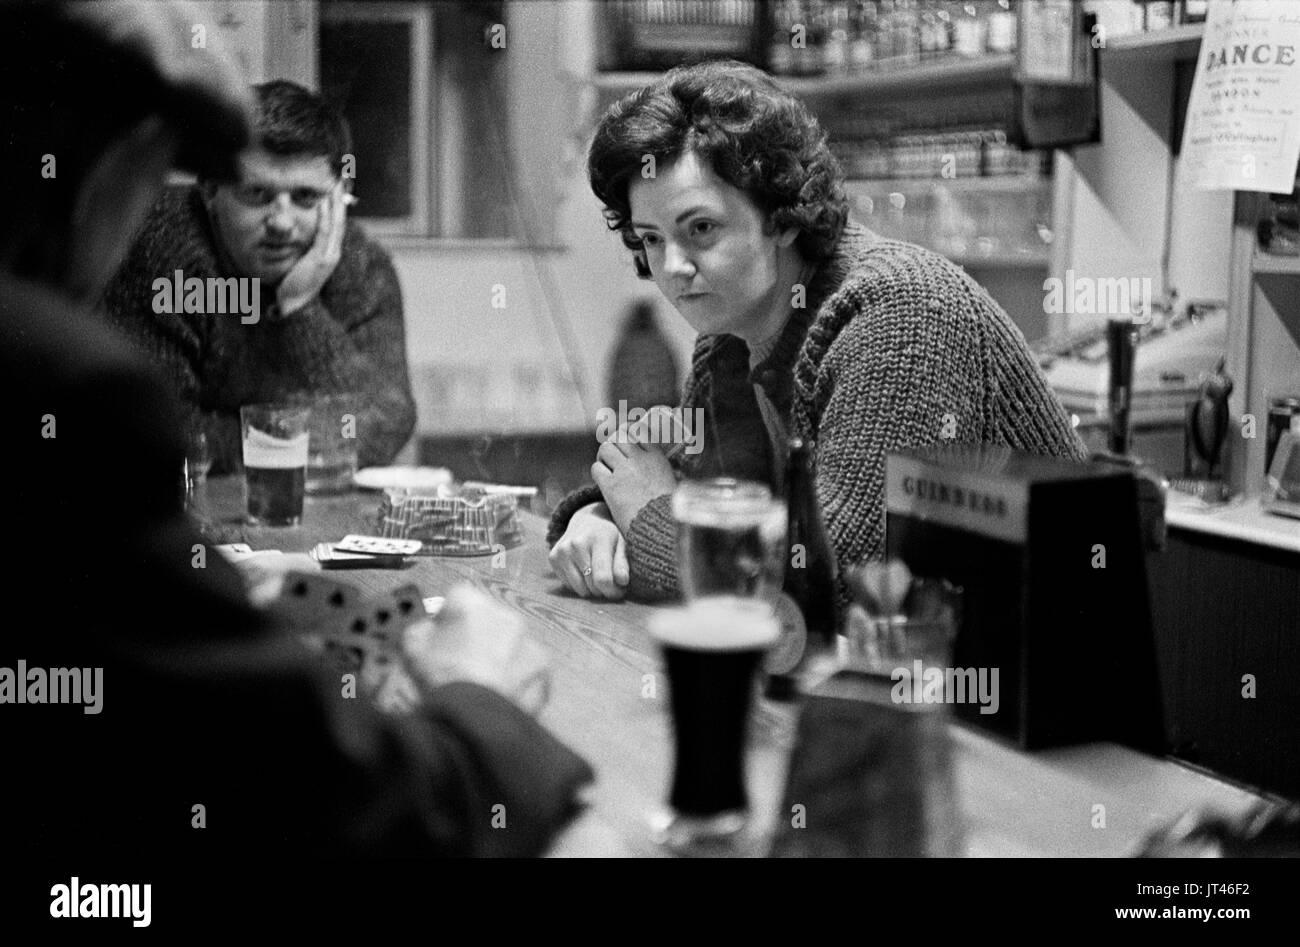 Irland West Küste Gruppe Menschen spielen Karten in der Dorfkneipe, Wirtin Spielkarten mit Kunden Freundschaft Gemeinschaft Alltag 1969 1960s HOMER SYKES Stockbild